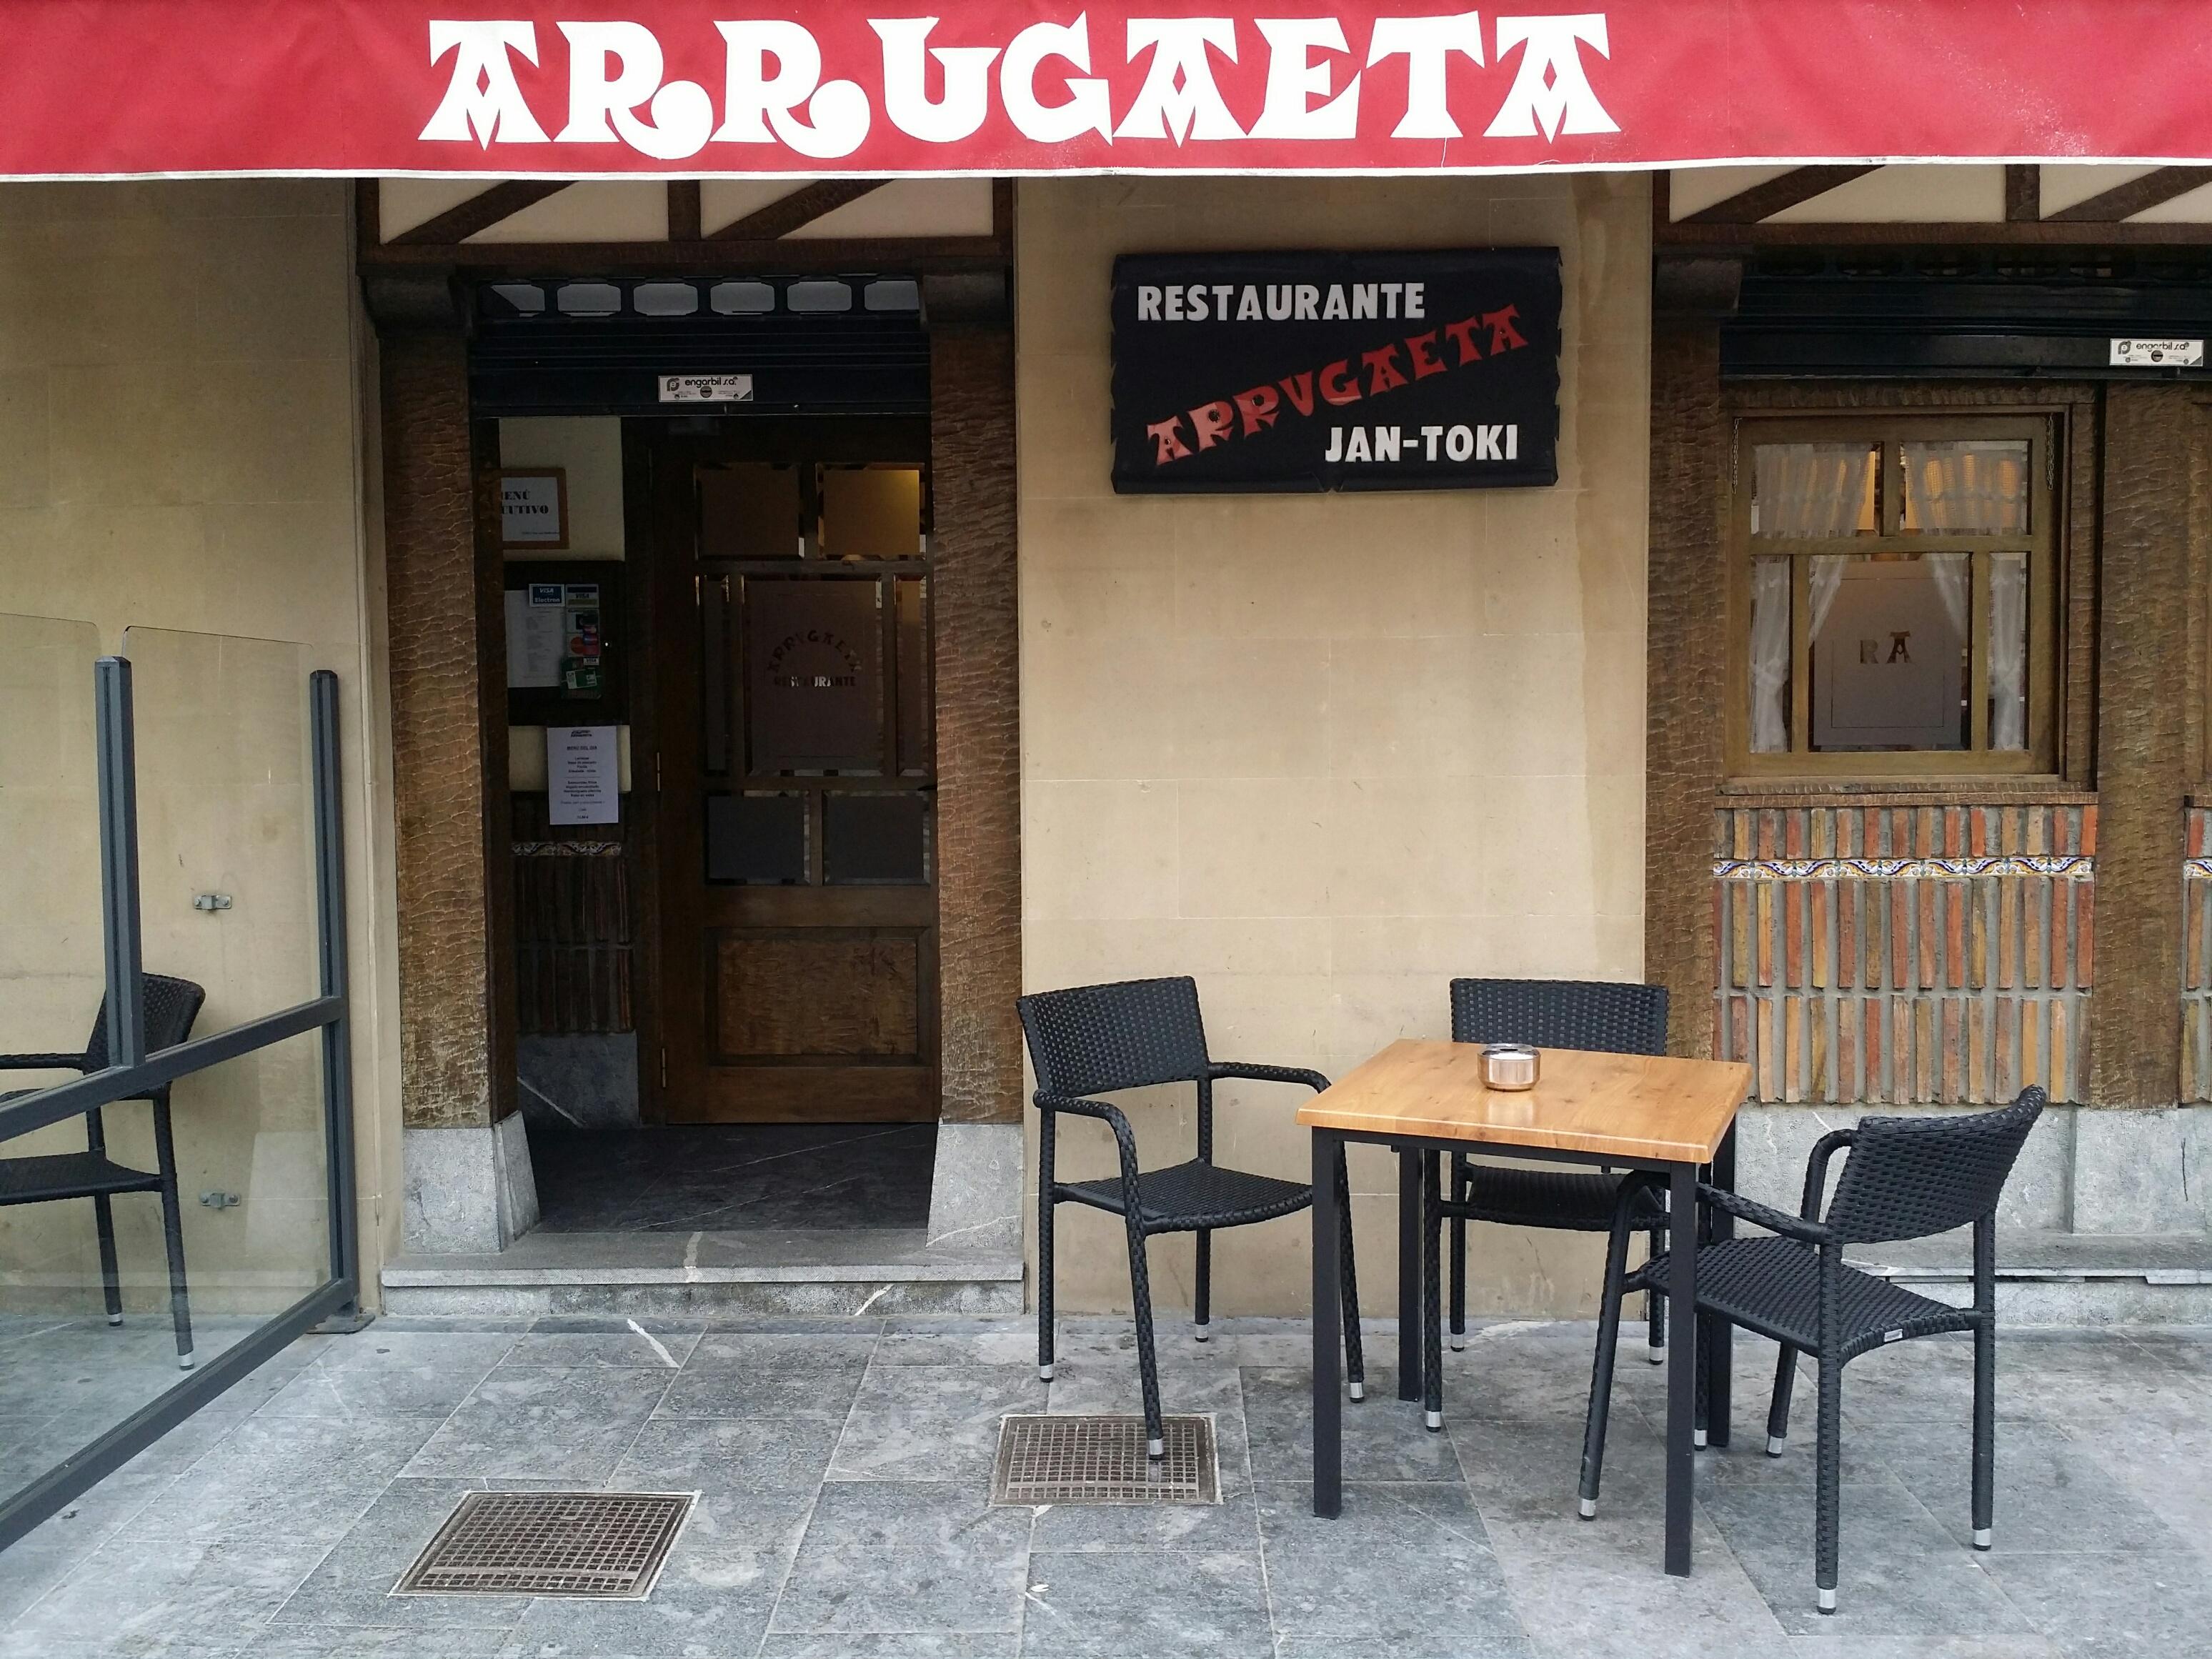 exterior restaurante arrugaeta